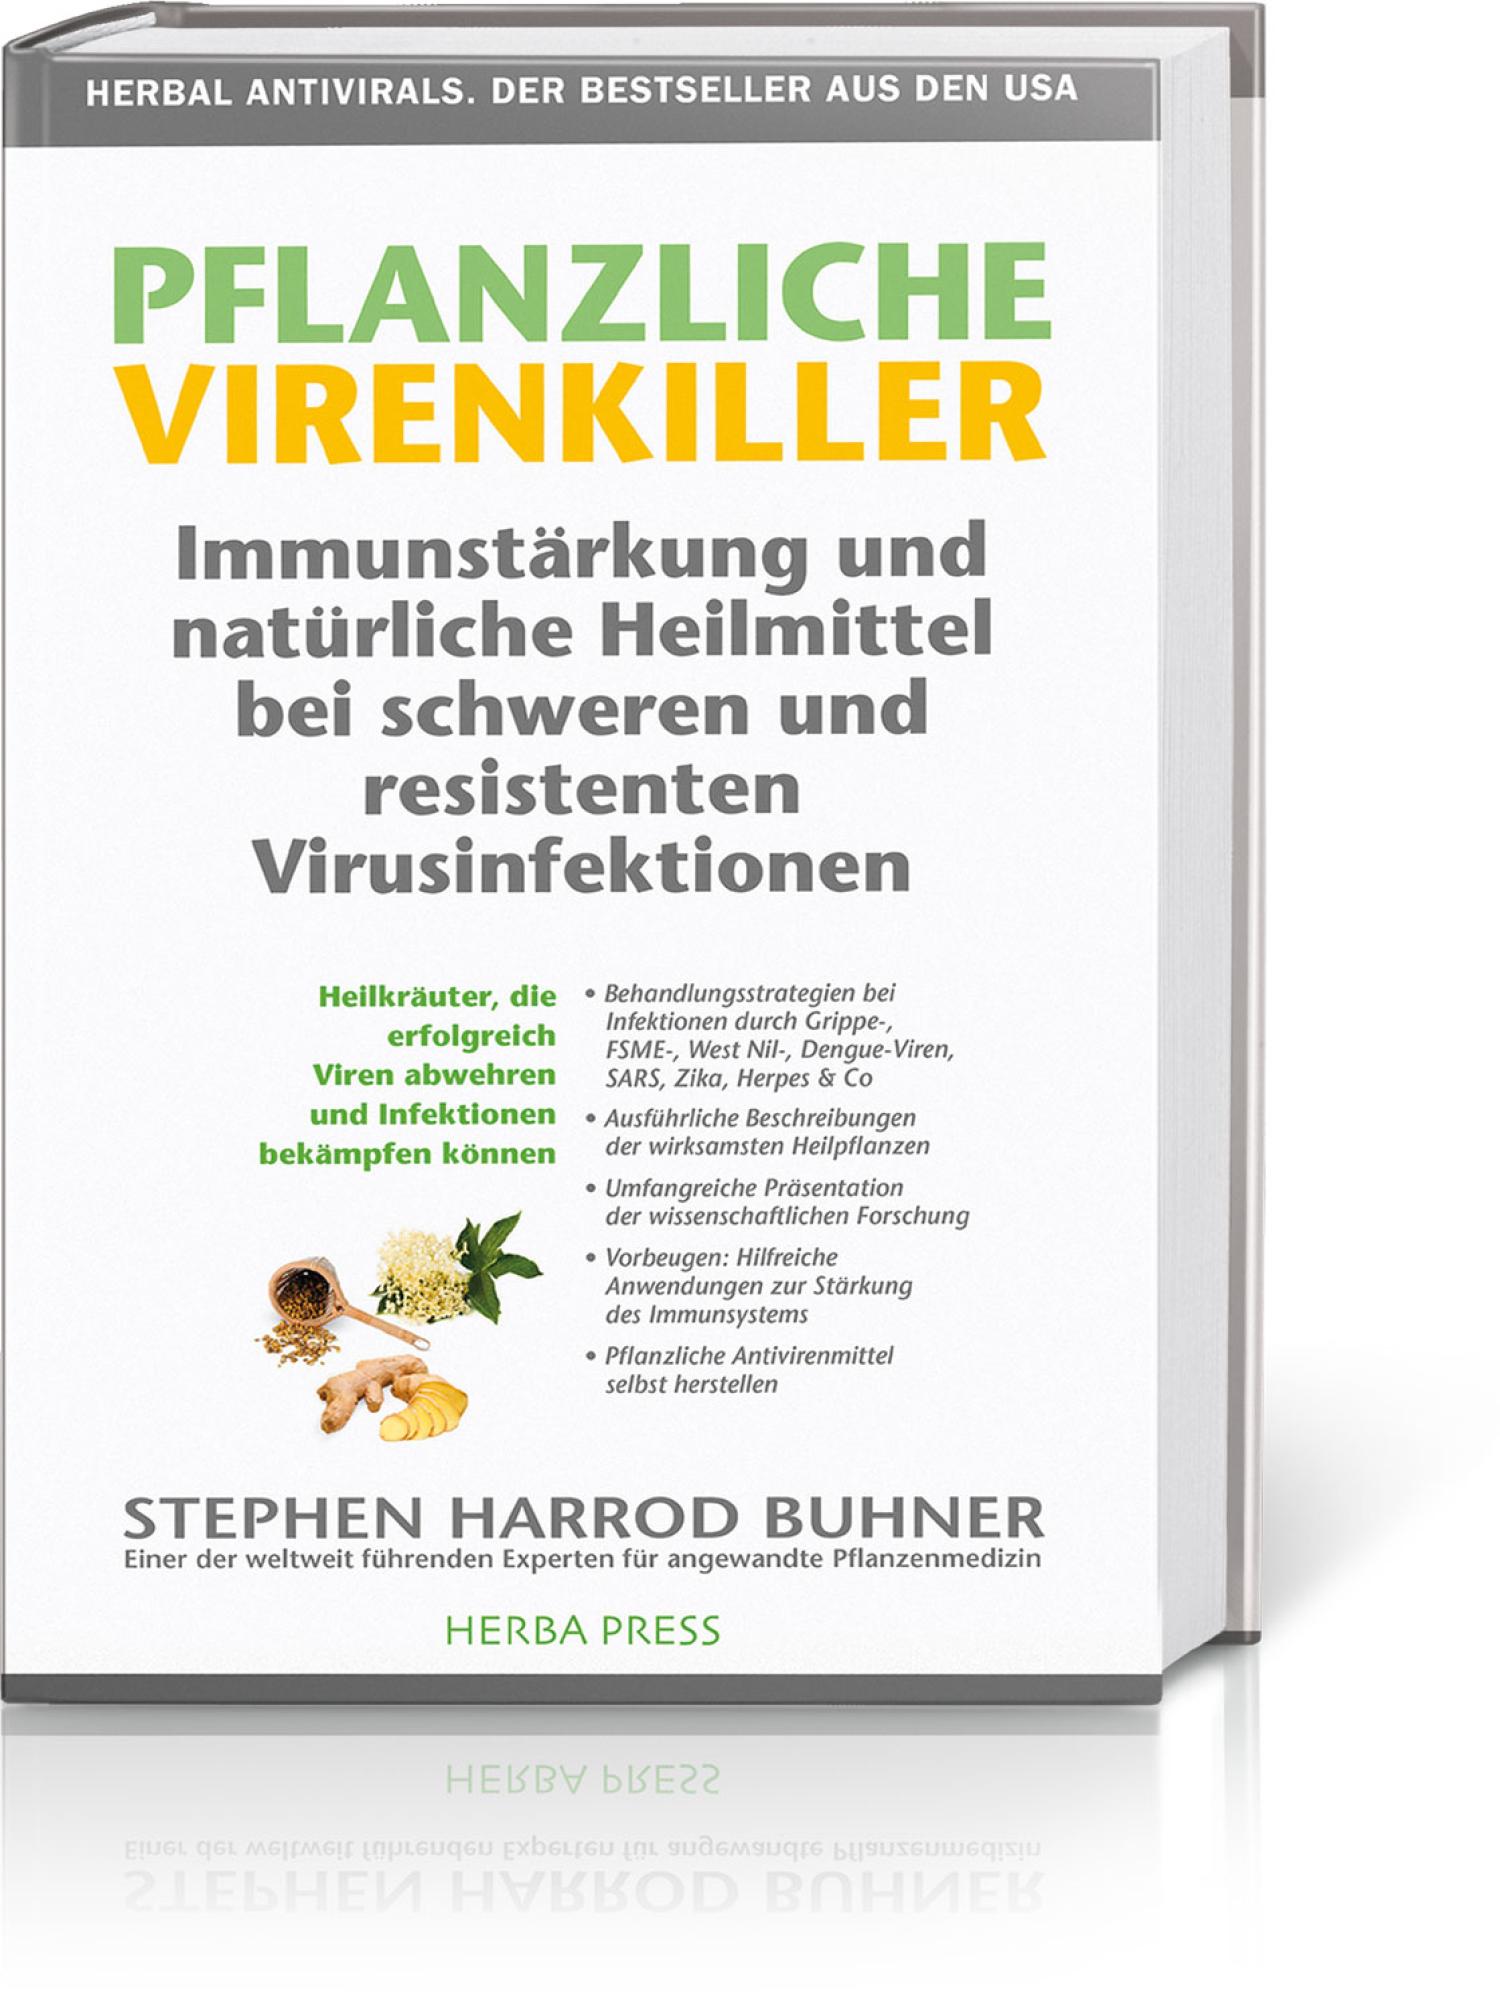 Pflanzliche Virenkiller, Produktbild 1